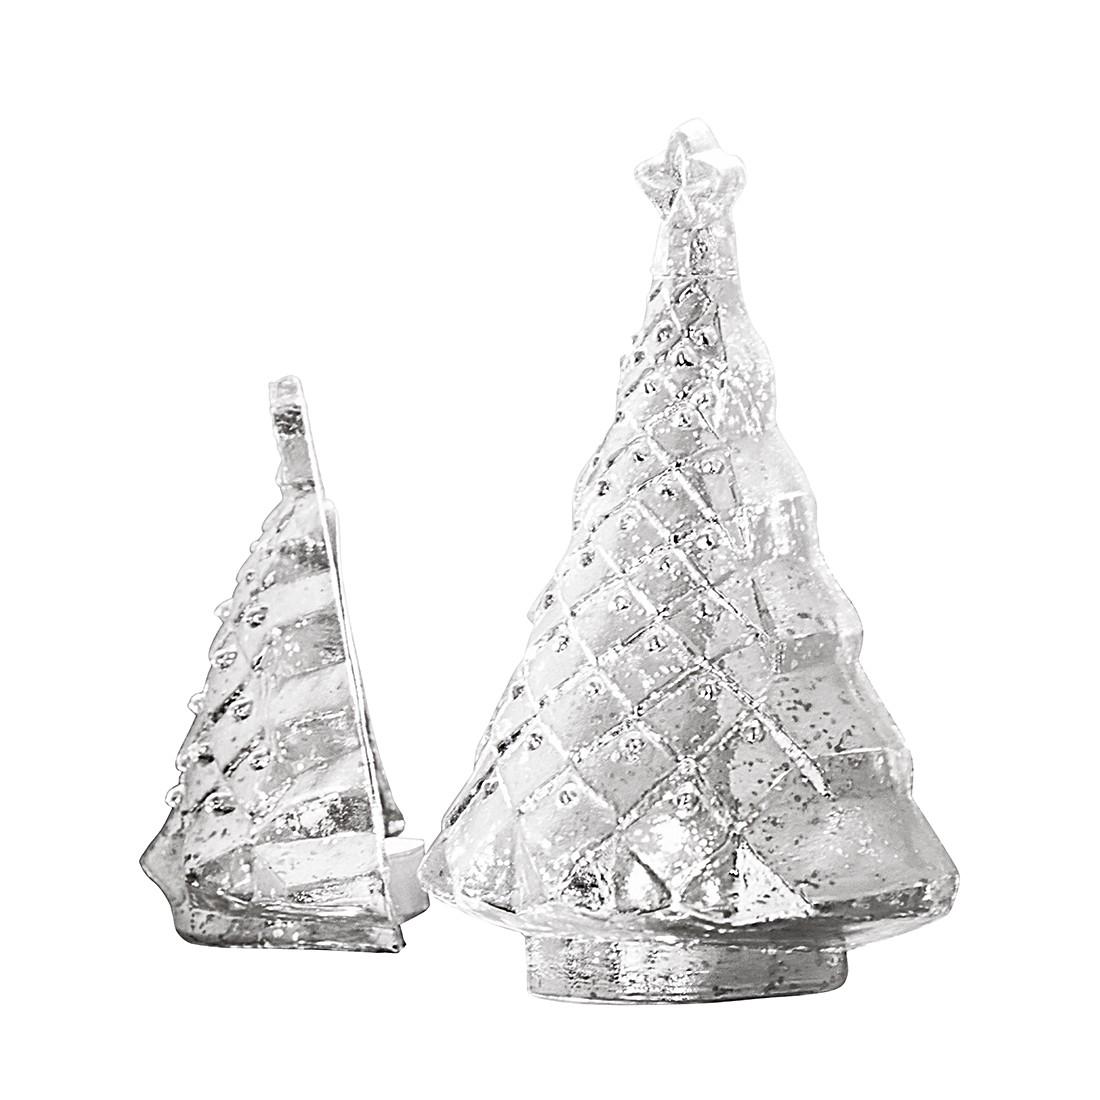 Windlichter Muriel (2er-Set) – Glas – Silber, Loberon online bestellen